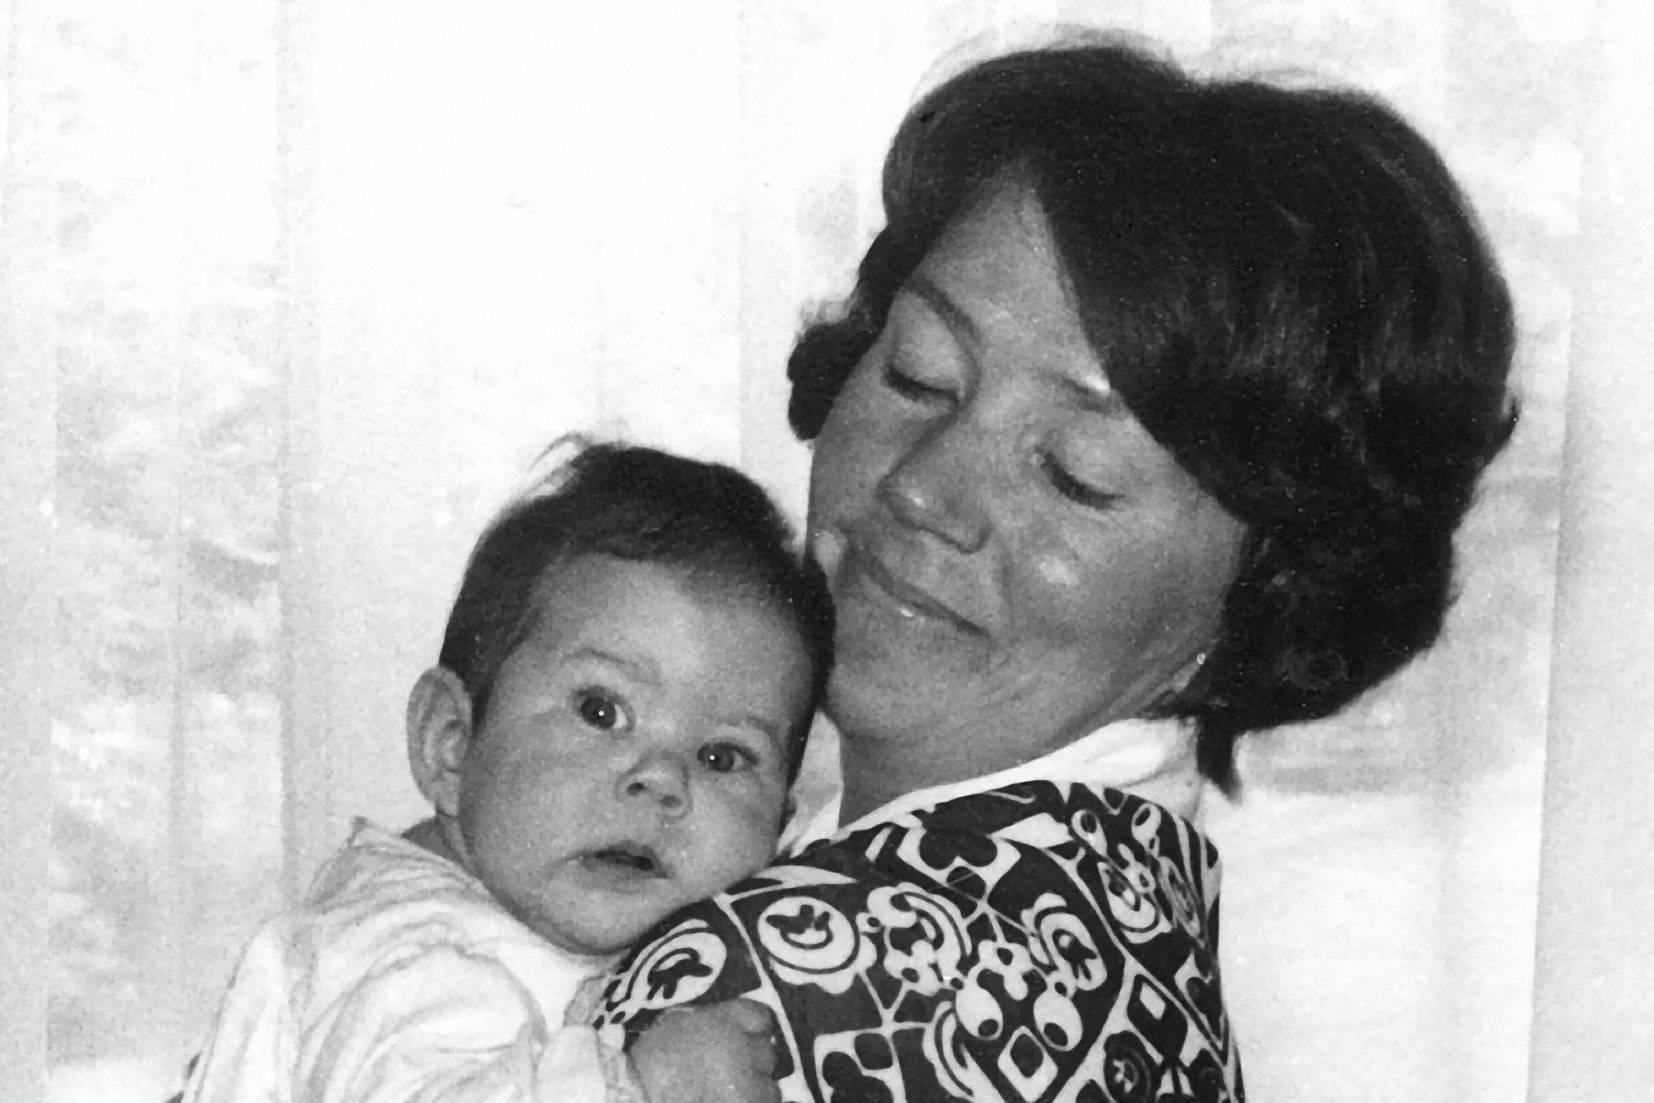 Prinzessin Mary 1972 auf dem Arm ihrer Mutter Henrietta Clark Donaldson